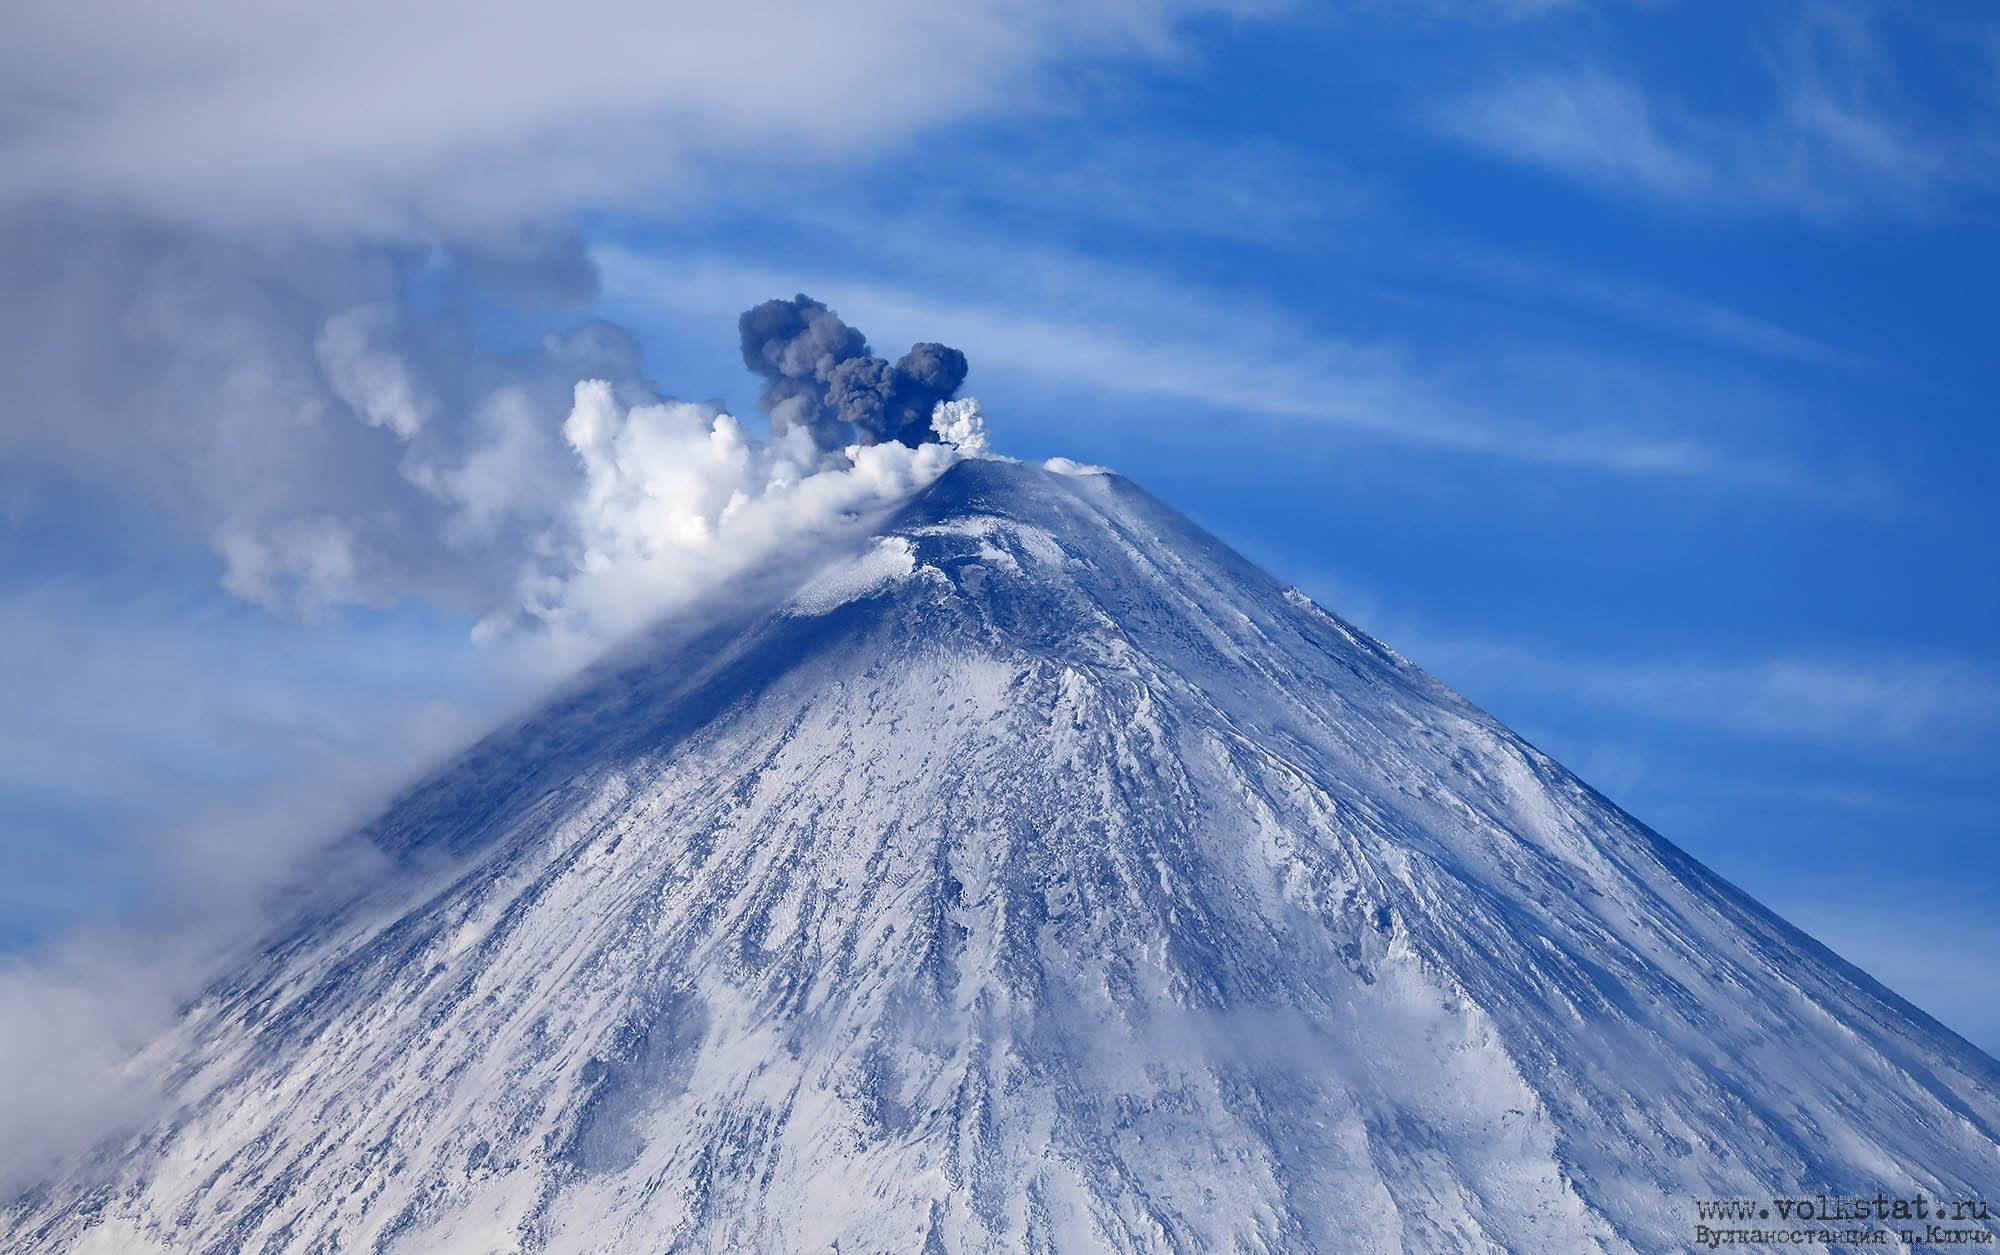 14 Mai 2020. FR. Italie : Stromboli , Philippines : Mayon , Kamchatka : Klyuchevskoy , Japon : Sakurajima ( Aira) , Japon , Suwanosejima .